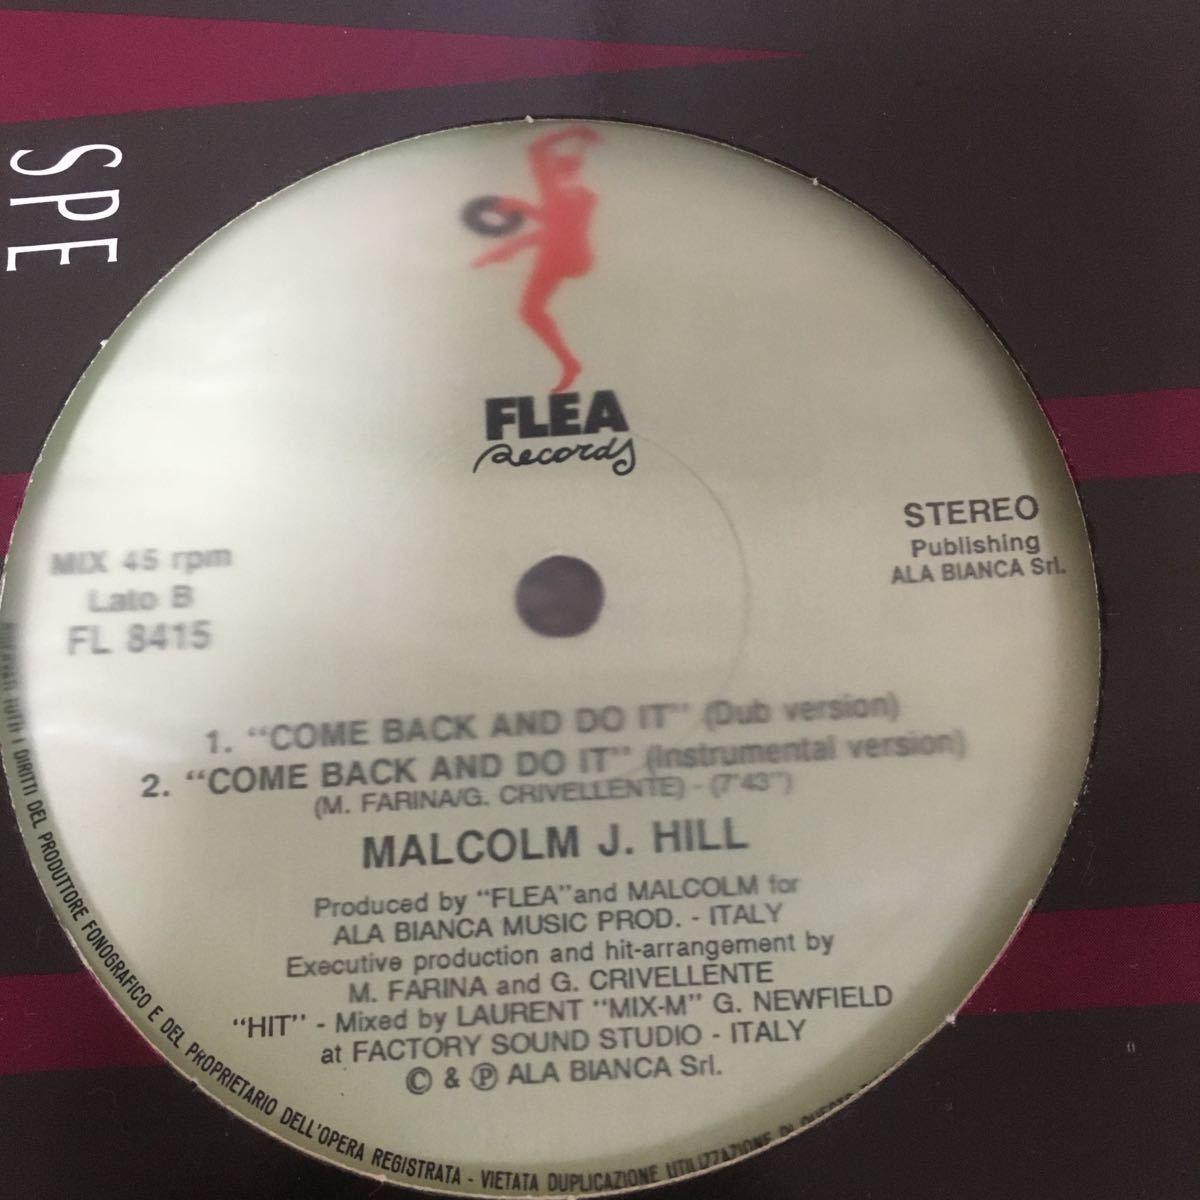 MALCOLM J. HILL 12インチレコード